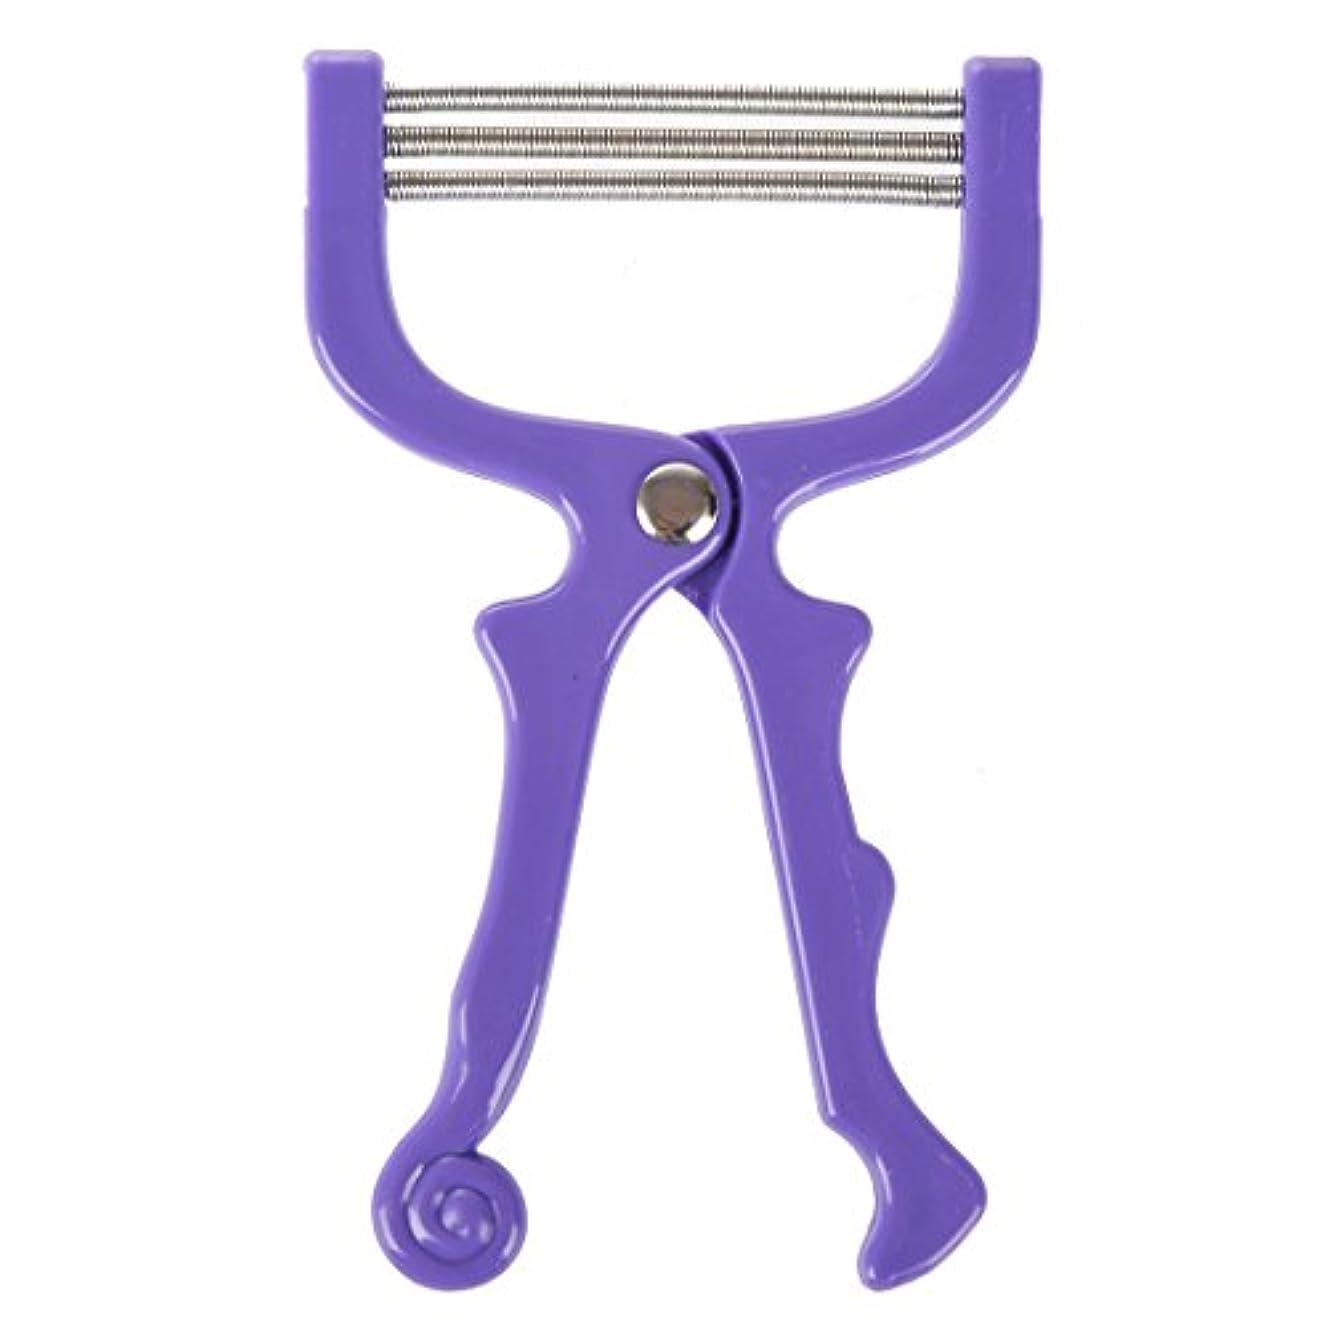 興奮する望む推論AFBEST ハンドヘルドひげ脱毛スレッディング美容脱毛器ツール